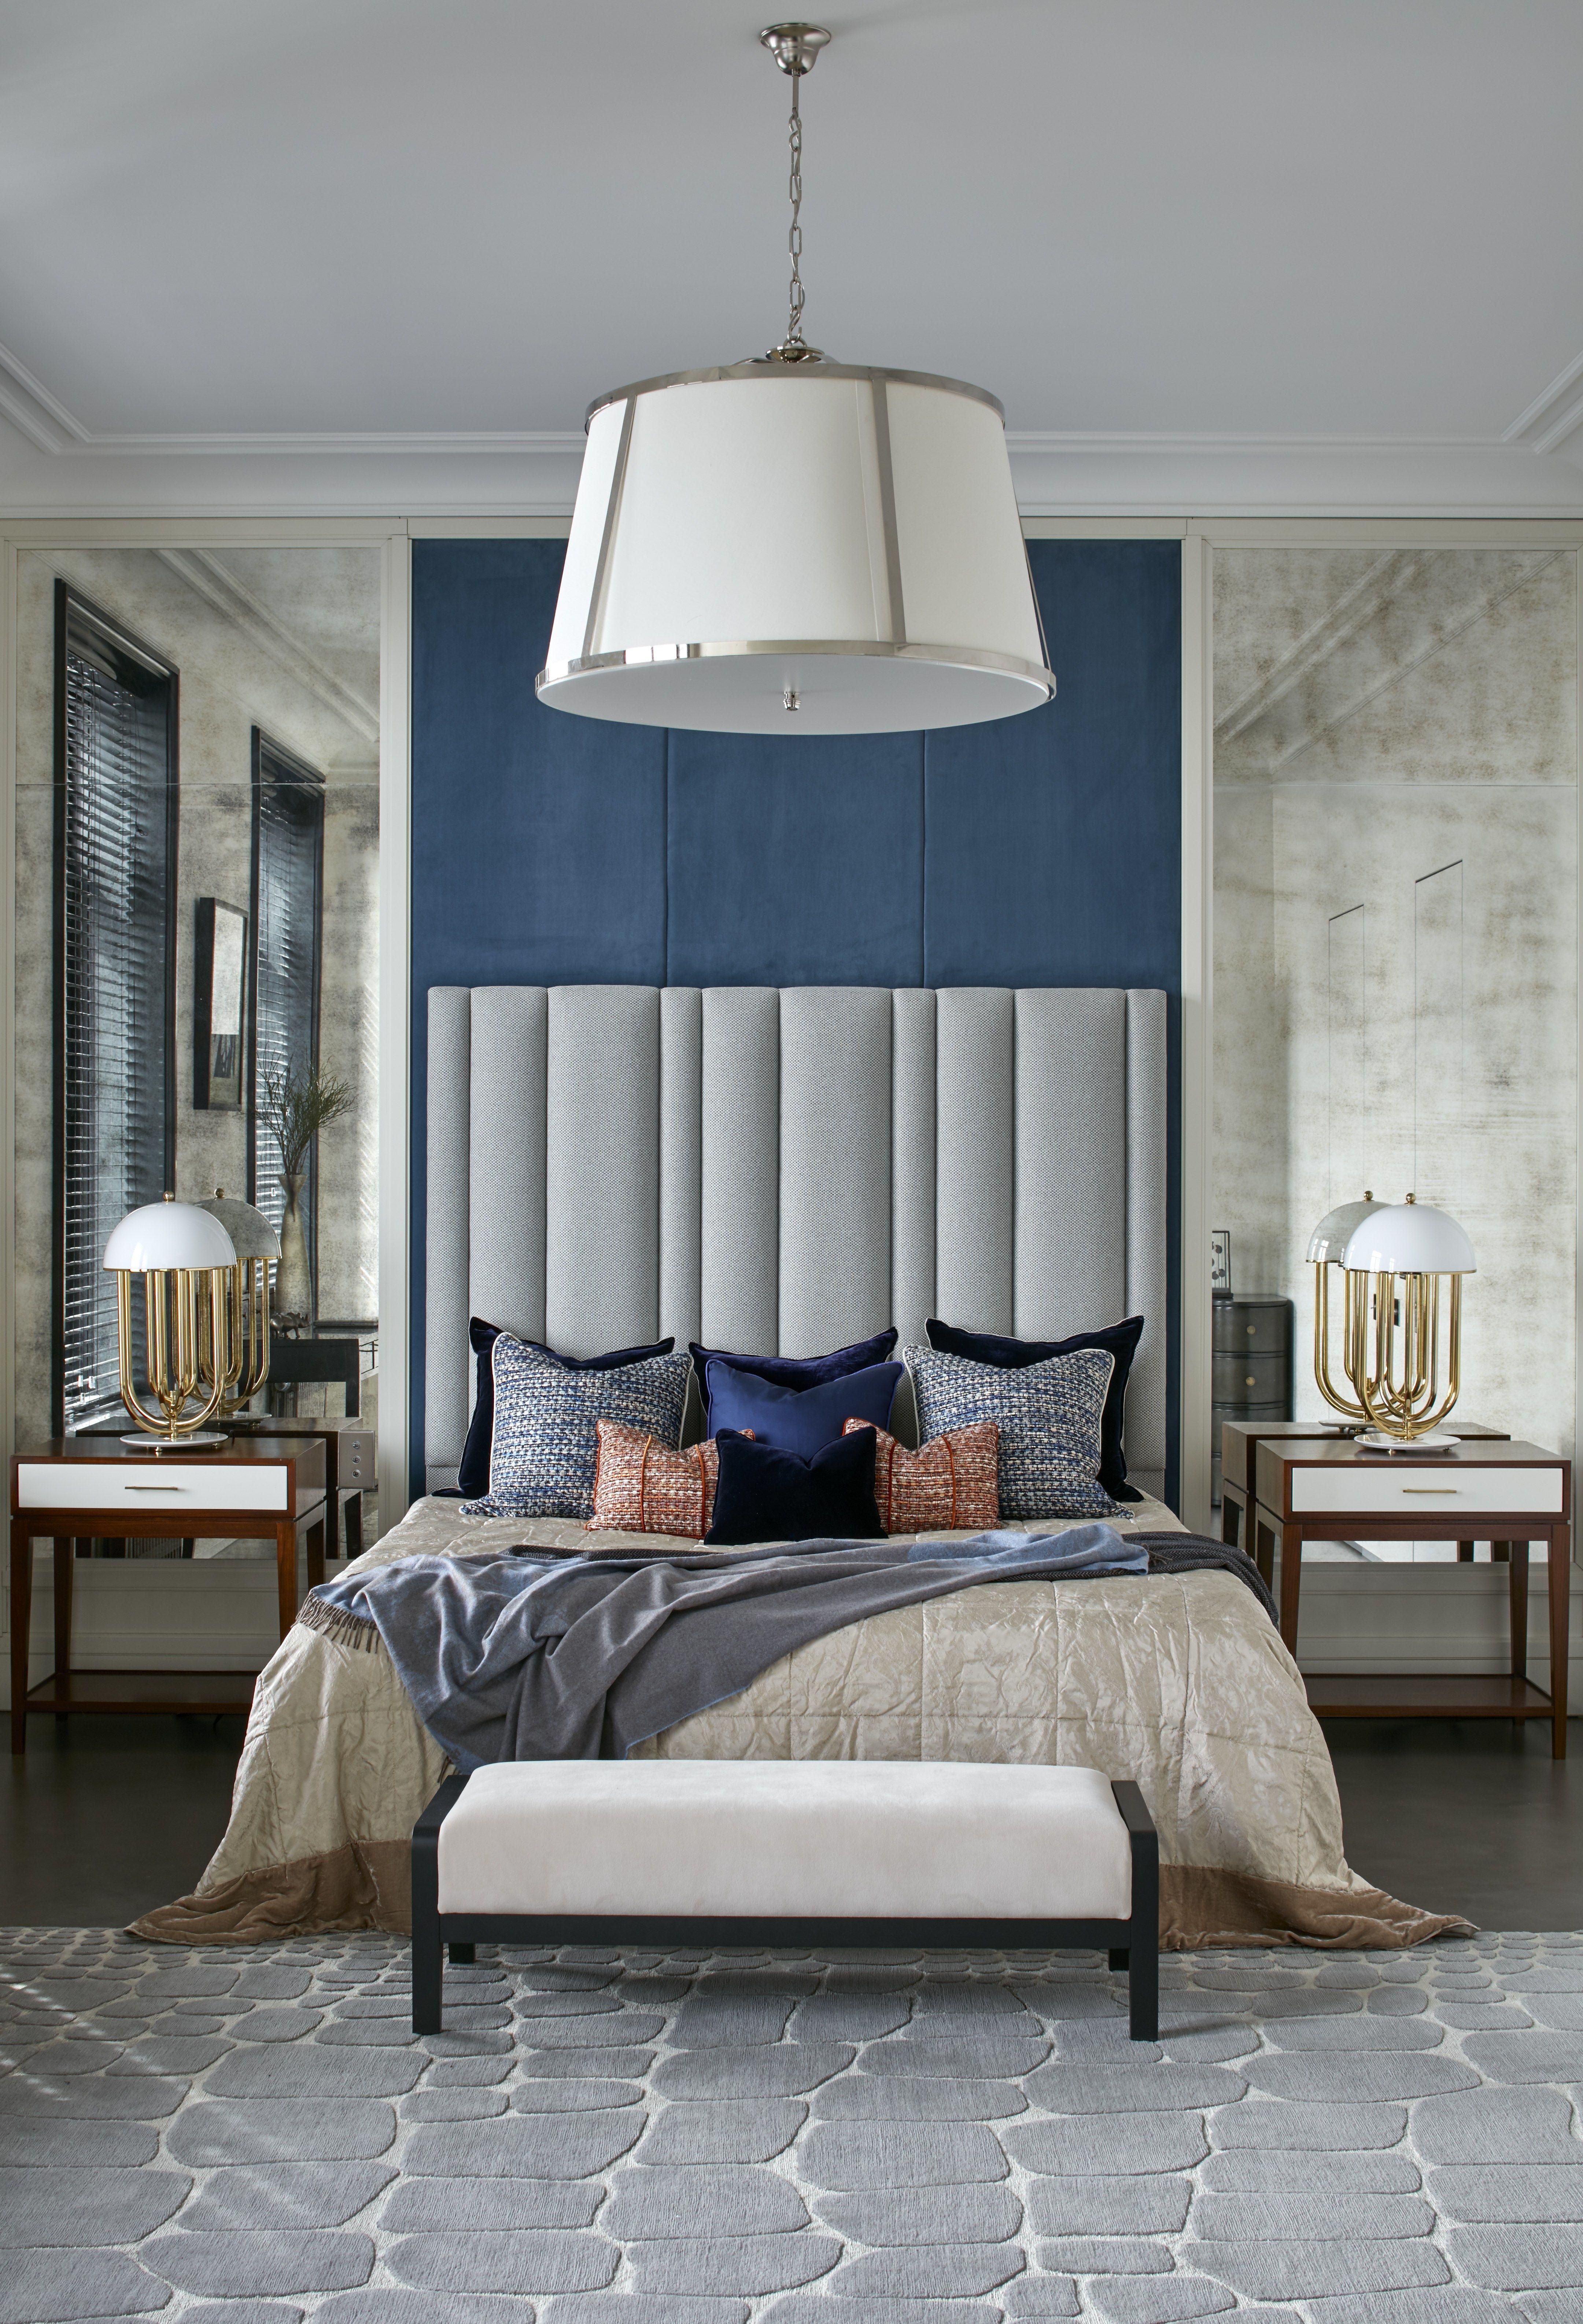 Master Room Interior Design: Top Designers Share Their Master Bedroom Interior Design